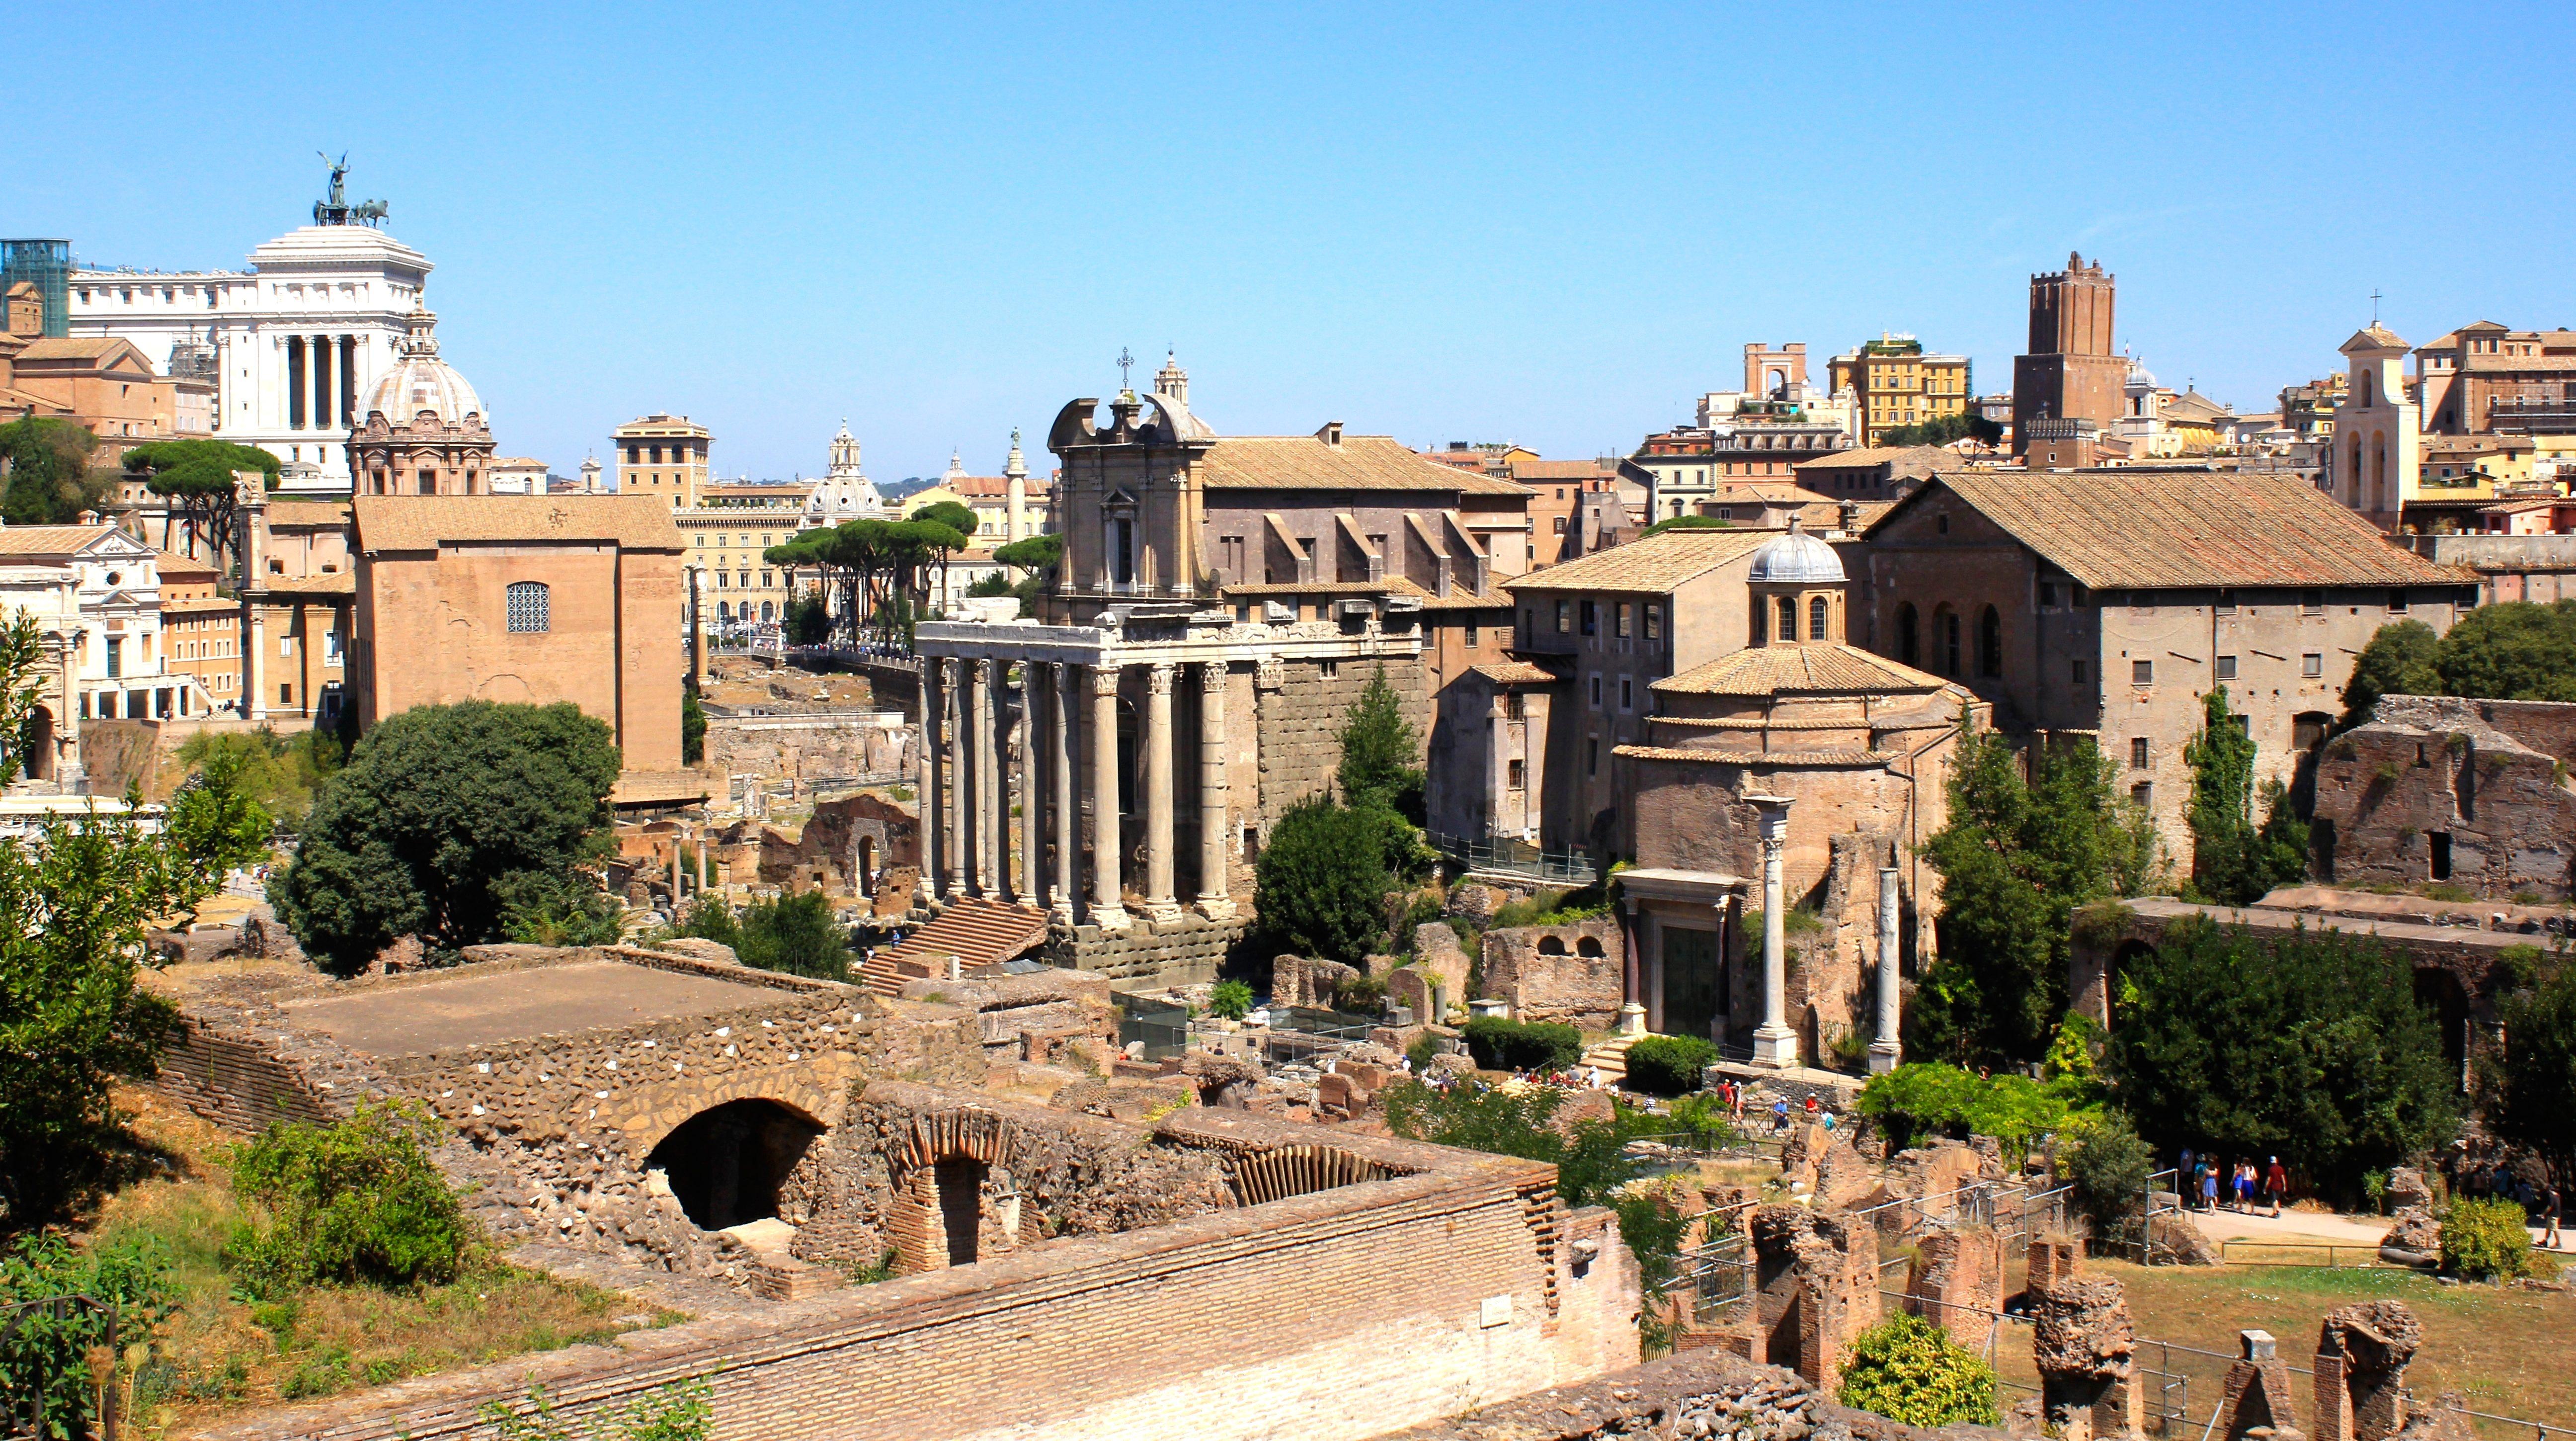 ローマ帝国 | 世界遺産検定を取得するブログ